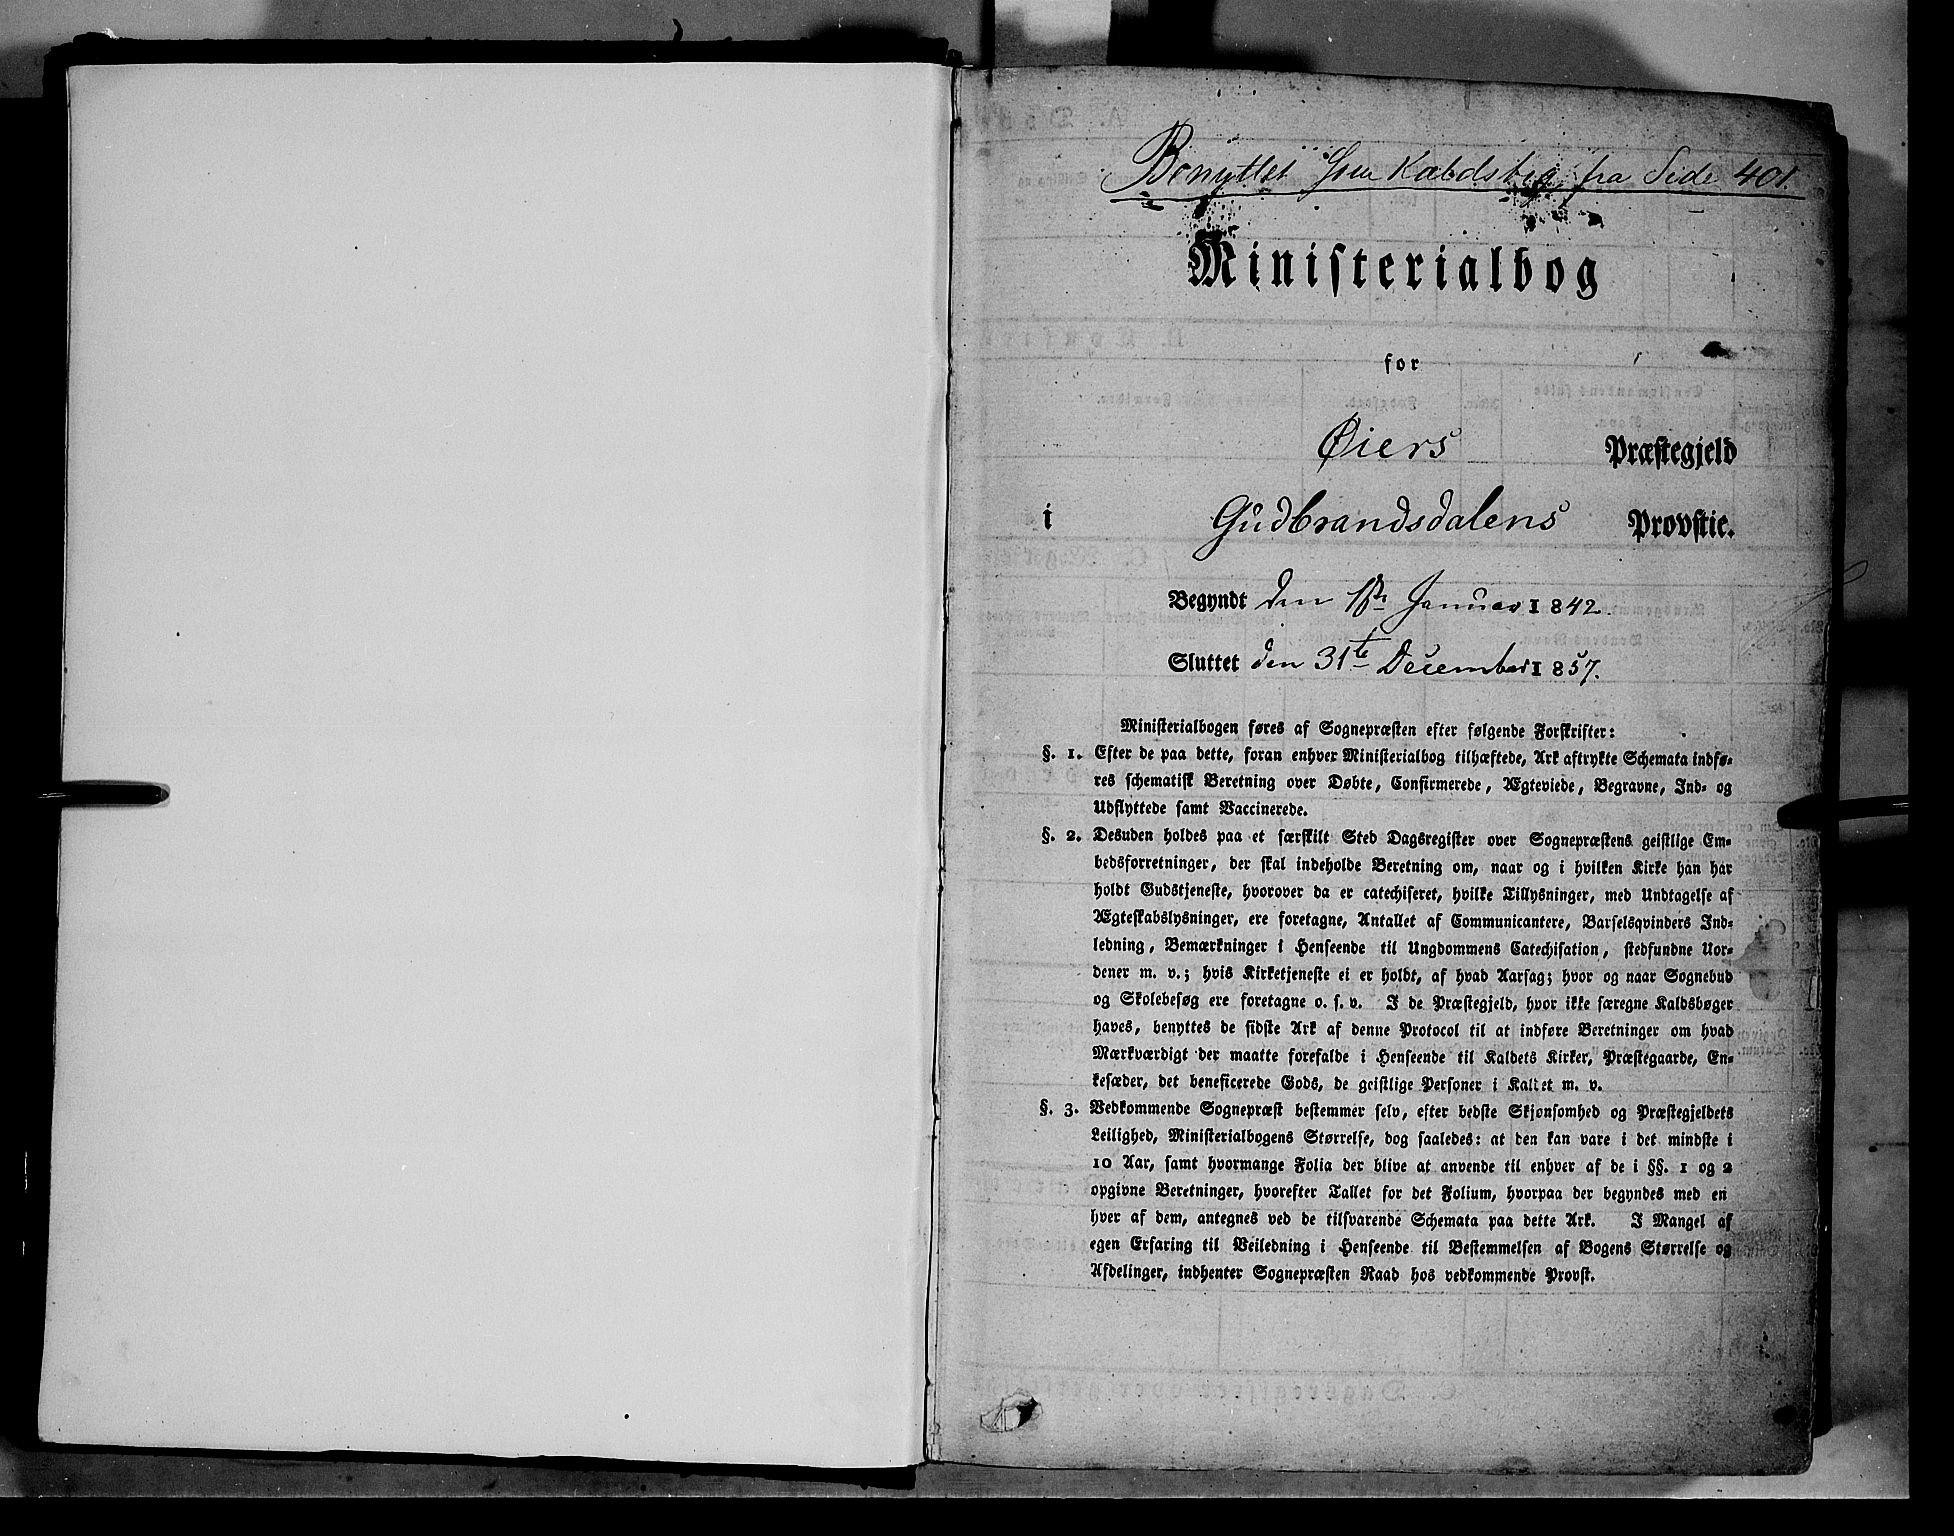 SAH, Øyer prestekontor, Ministerialbok nr. 5, 1842-1857